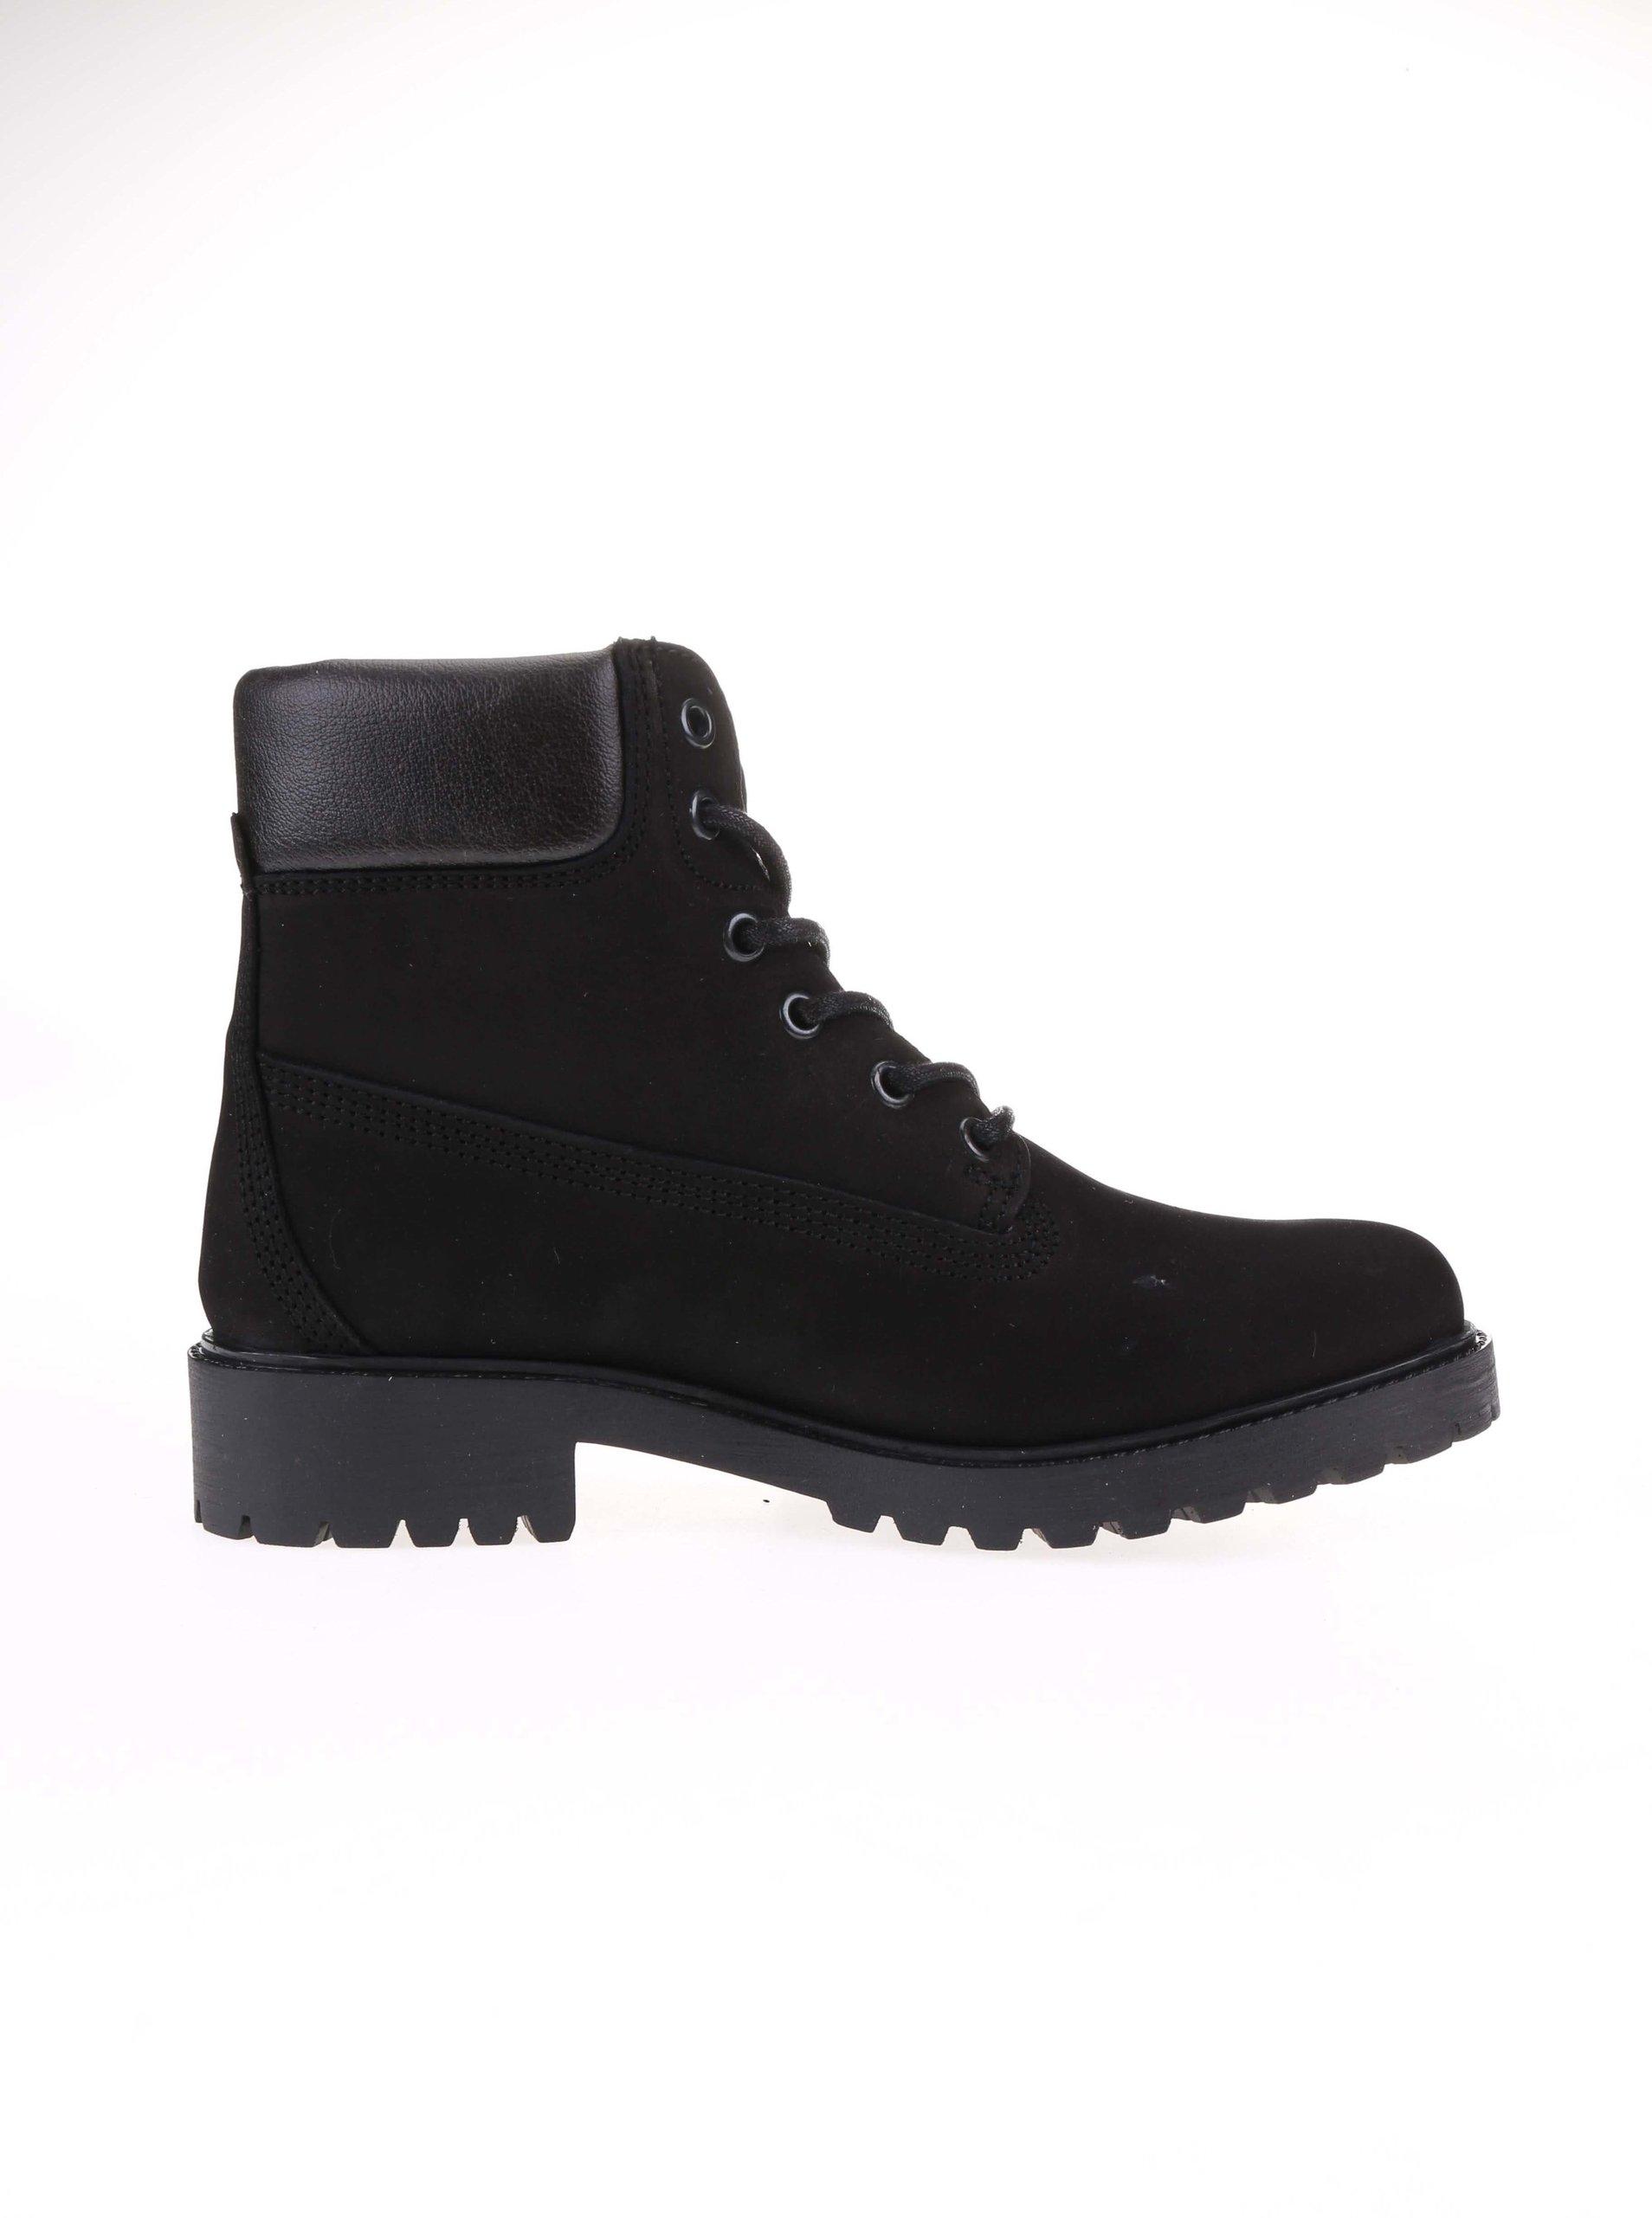 Čierne dámske kožené topánky na šnurovanie Bullboxer ... fc59fa868d3